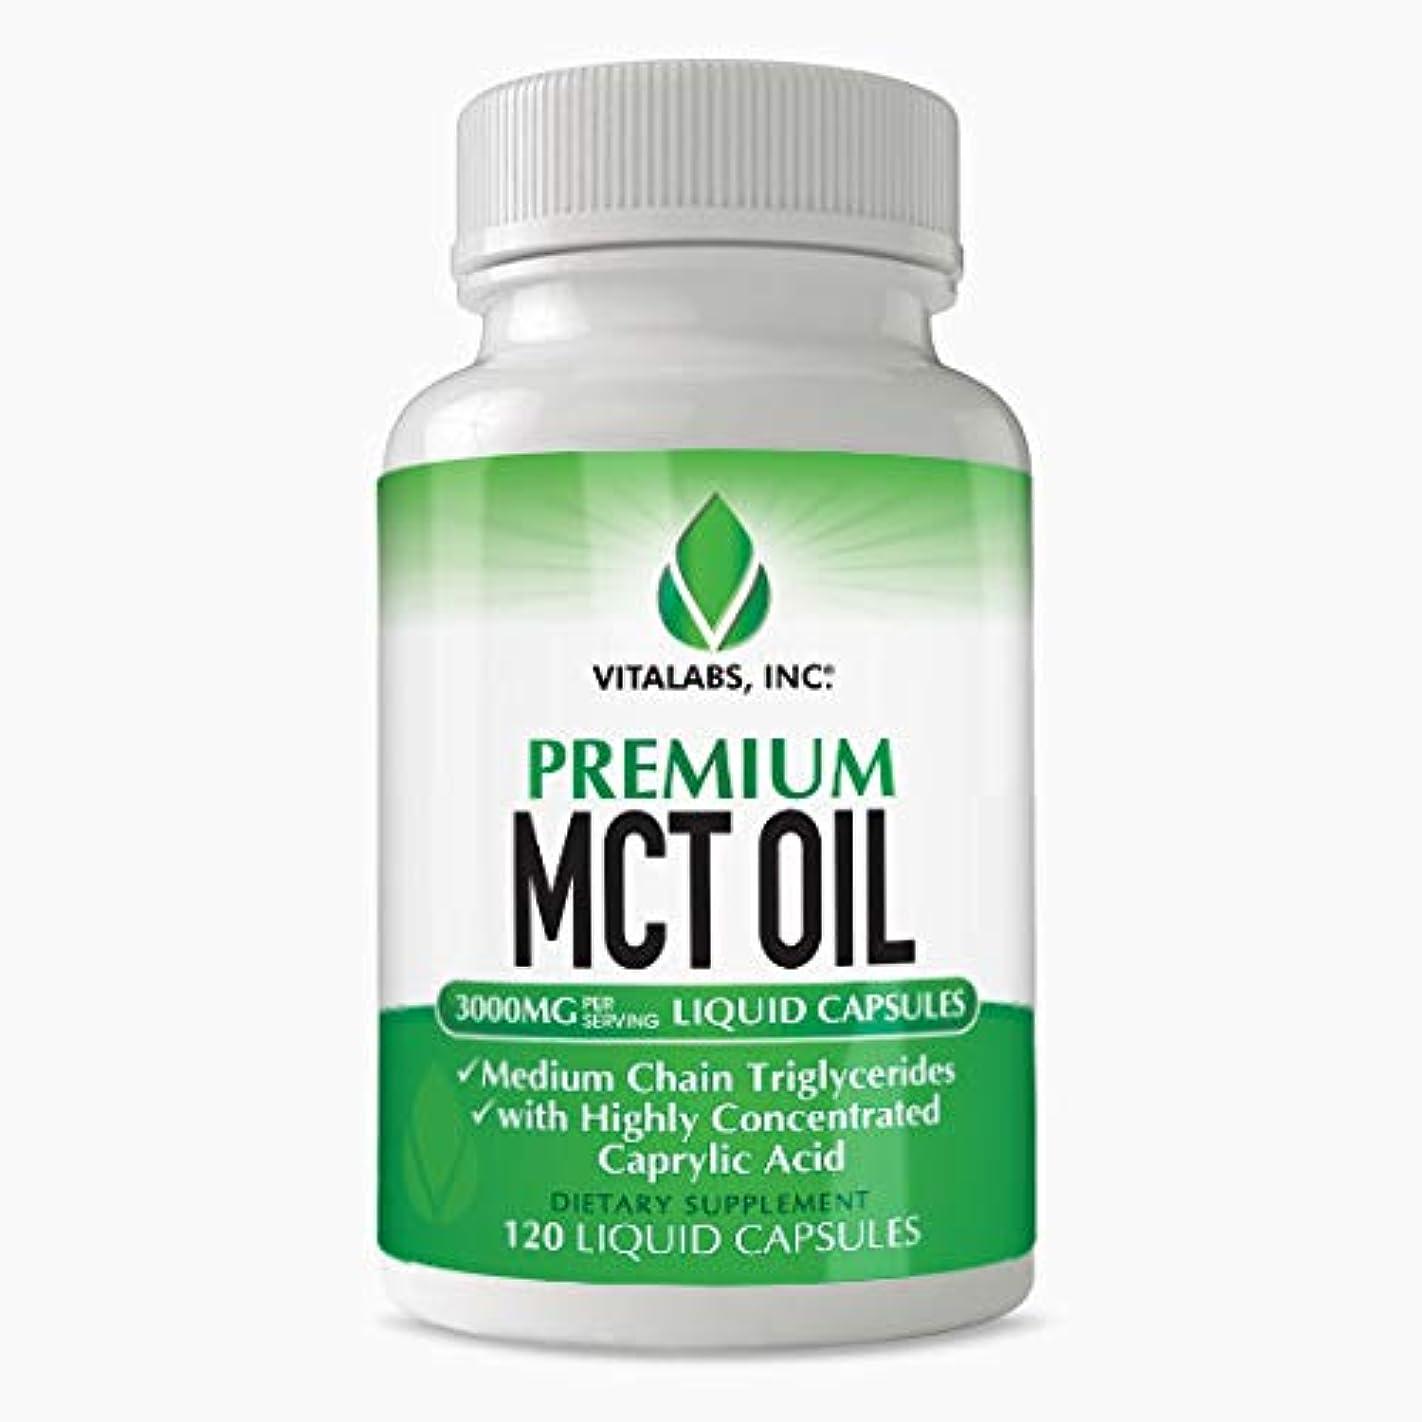 粘り強い一般的にポルティコ取りやすいジェルカプセルタイプ?ココナッツ由来-MCT オイル/3000mg(1Serving) 120Capsules 【Vitalabs.MCT Oil】 (1)